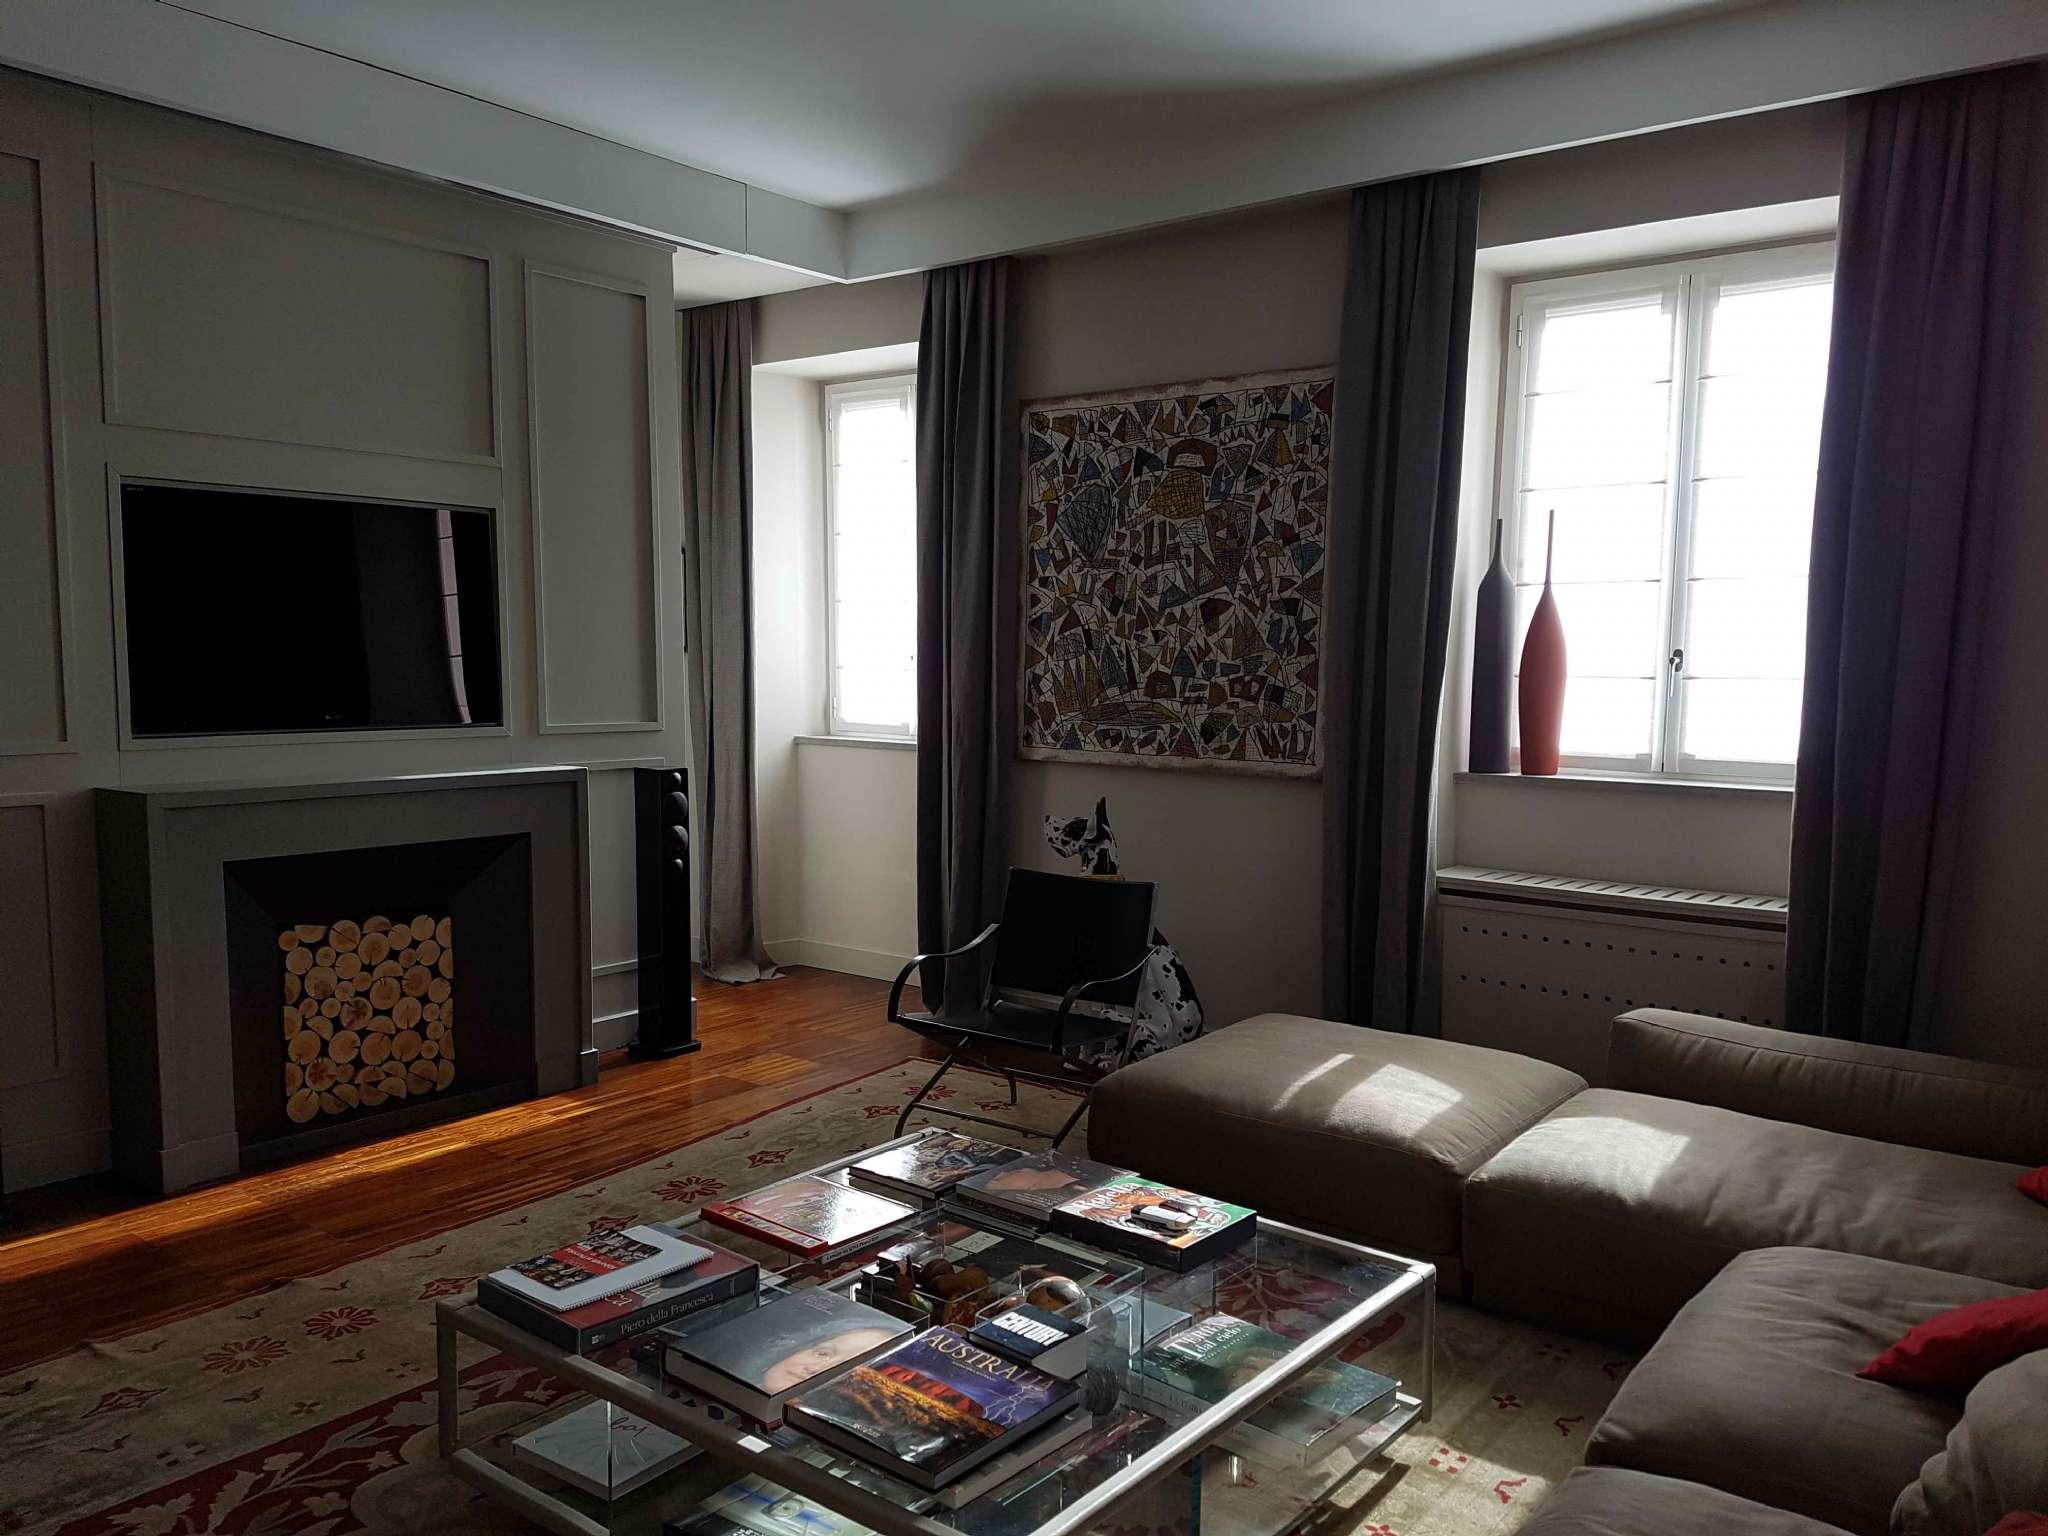 Appartamento in affitto a Milano, 4 locali, zona Zona: 1 . Centro Storico, Duomo, Brera, Cadorna, Cattolica, prezzo € 3.500 | Cambio Casa.it